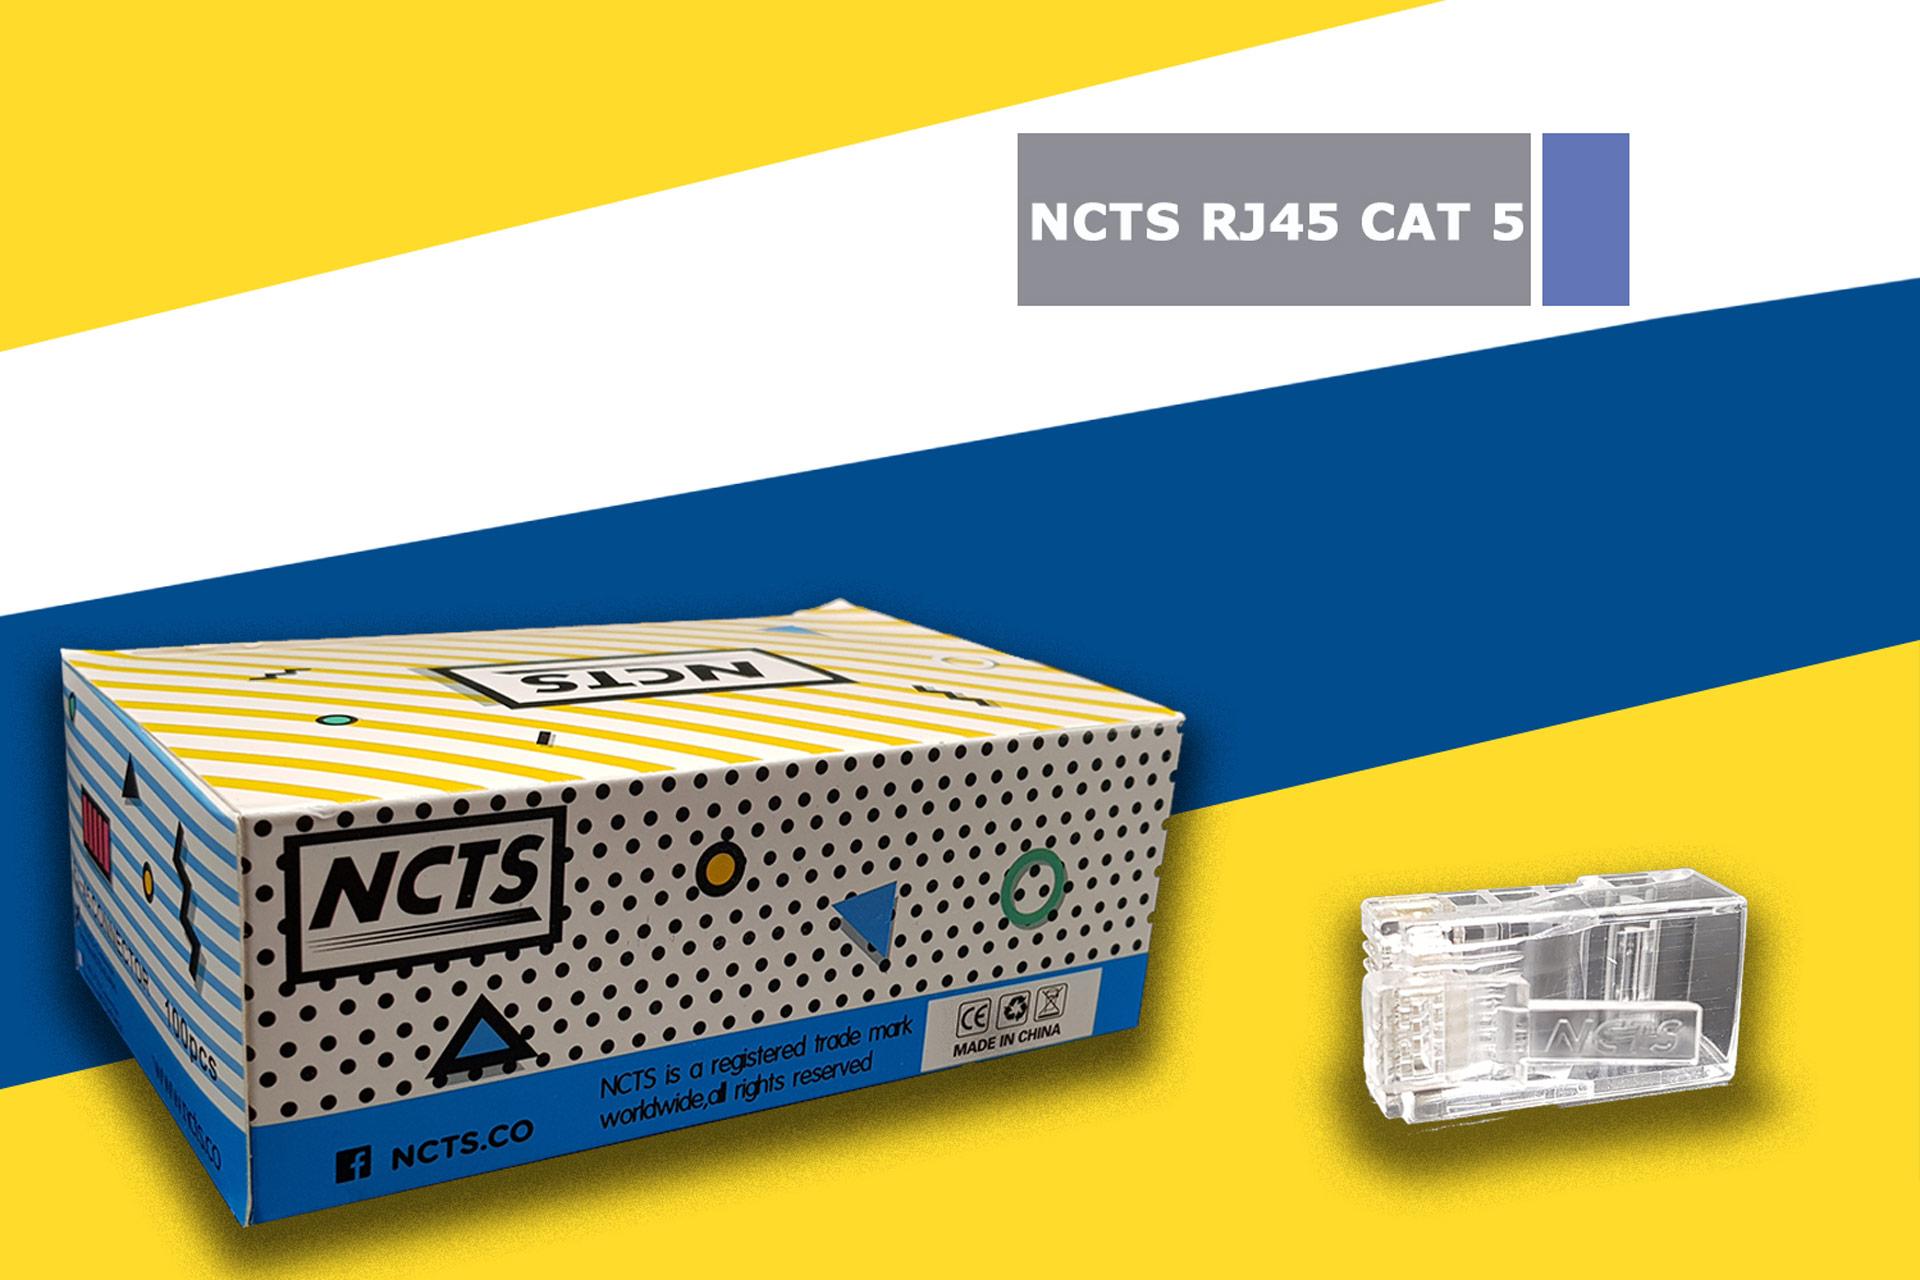 NCTS RJ45 CONNECTORS